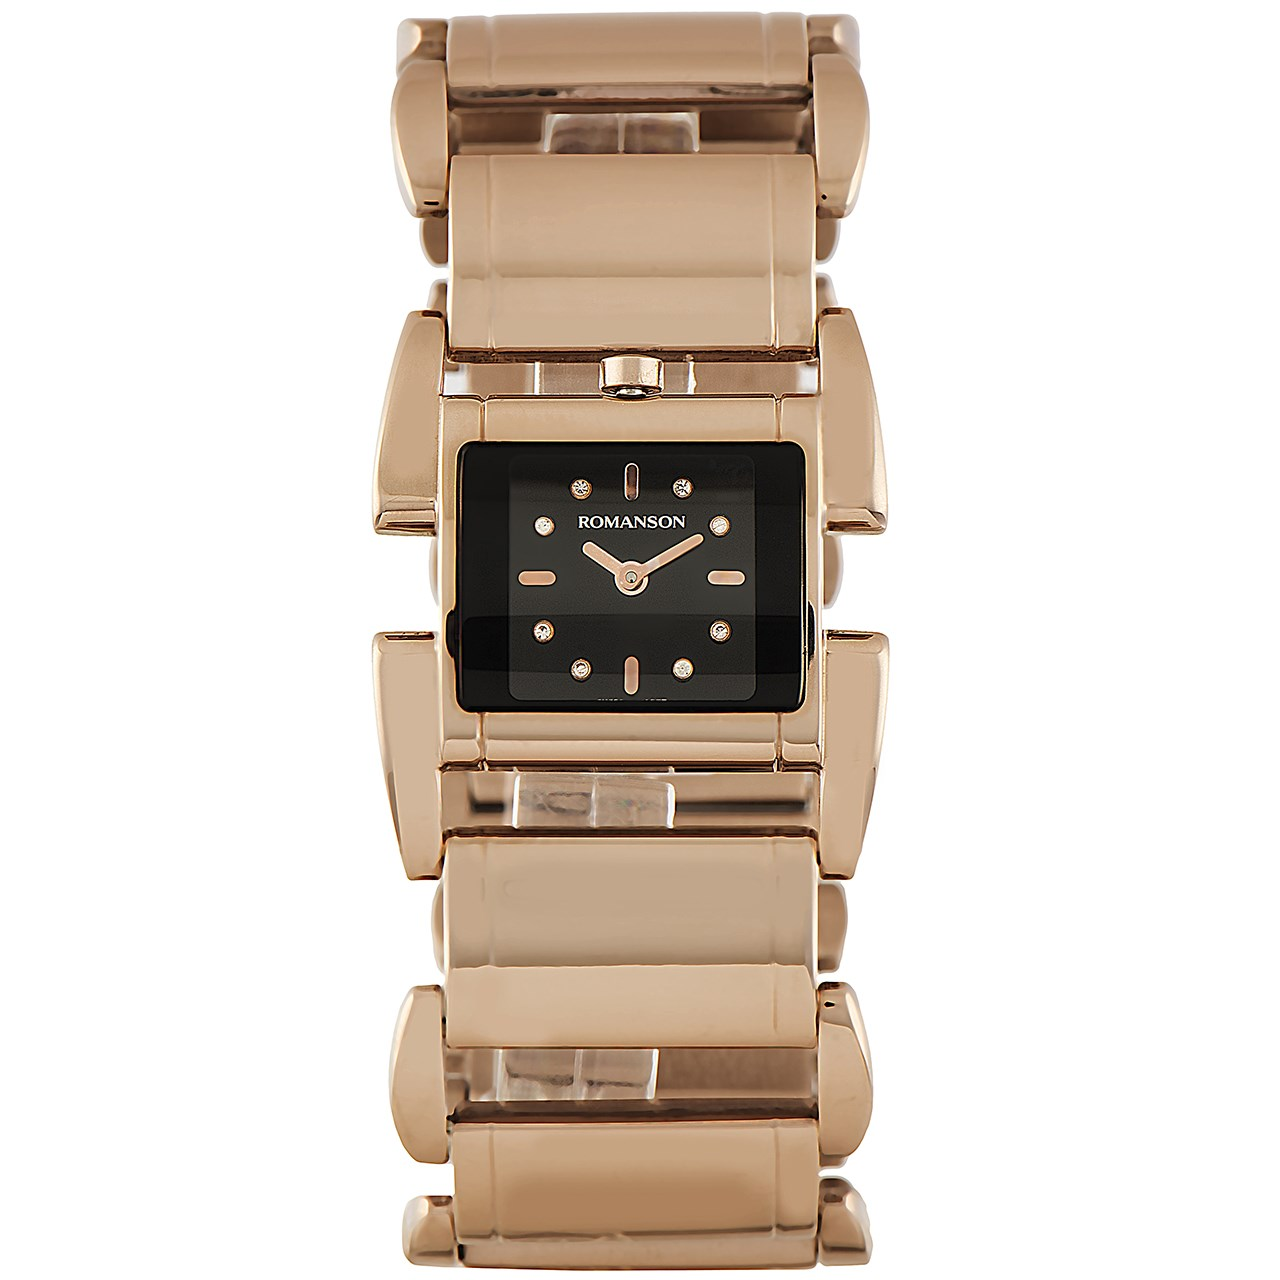 ساعت مچی عقربه ای زنانه رومانسون مدل RM1201LL1RA36R 19